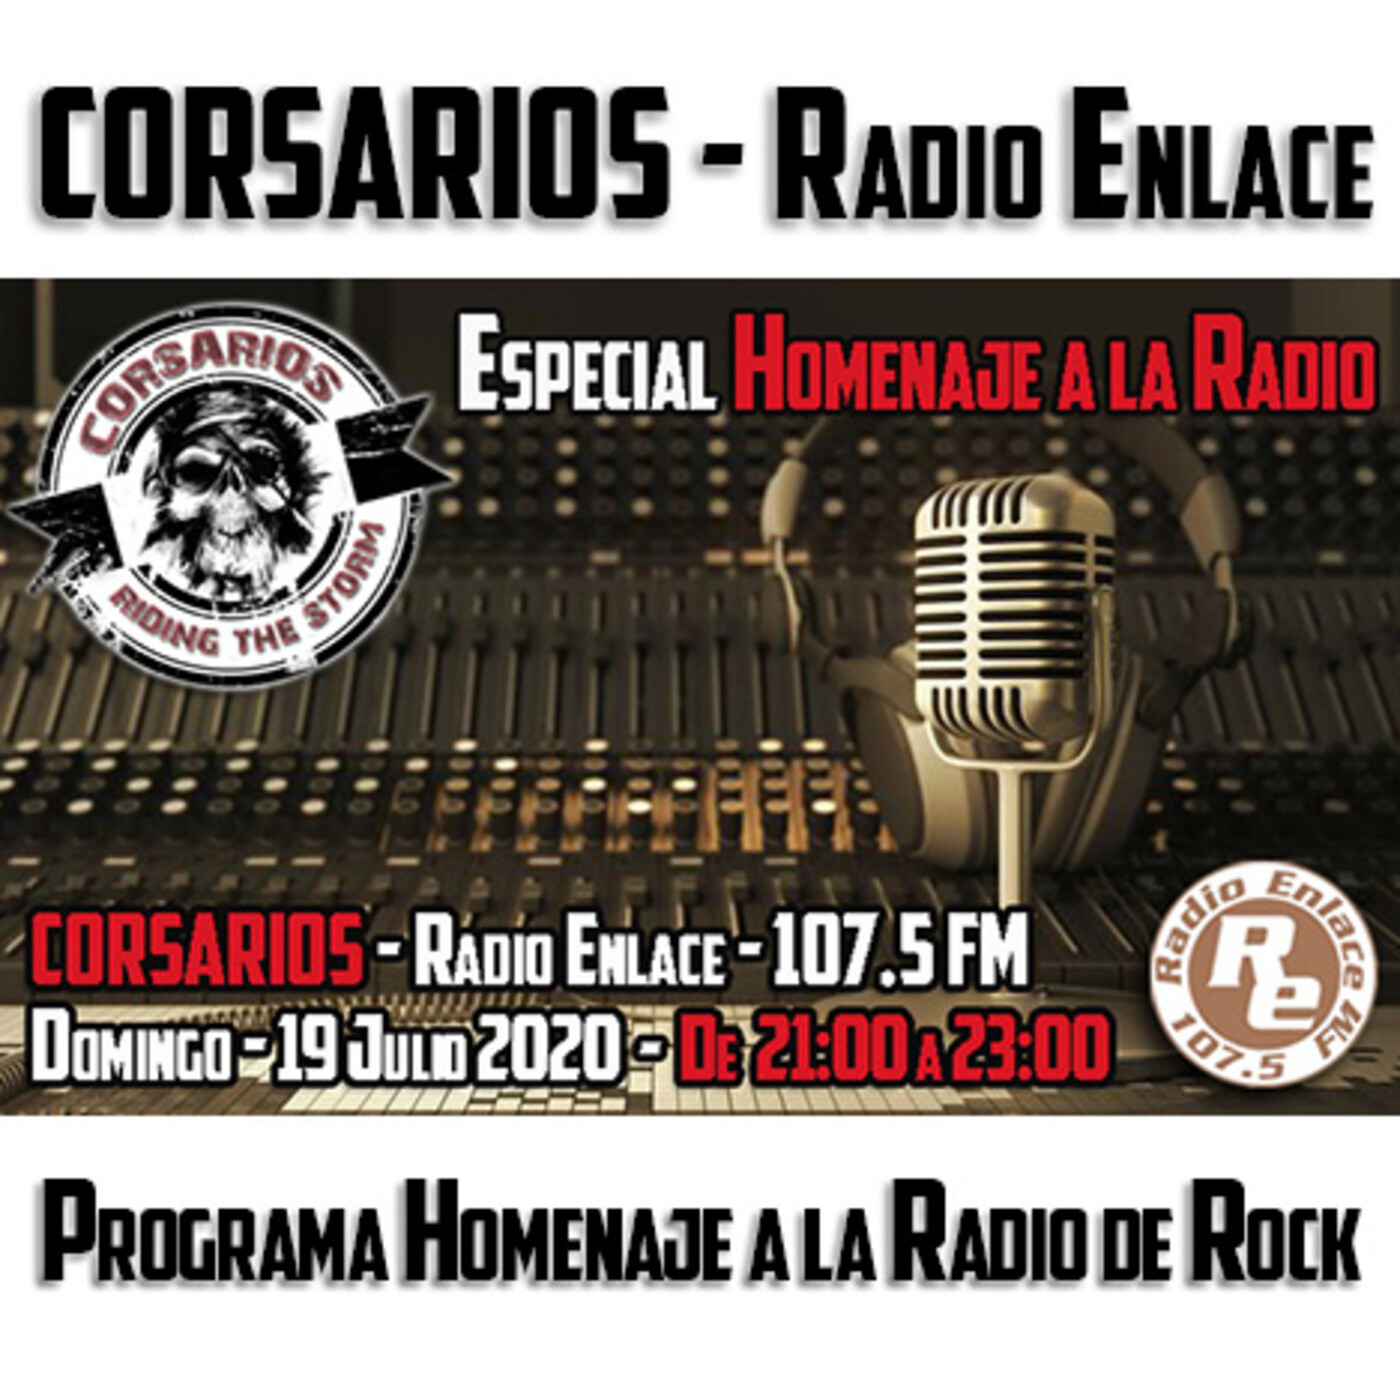 Corsarios - Especial homenaje a la radio - Domingo 19 de Julio 2020